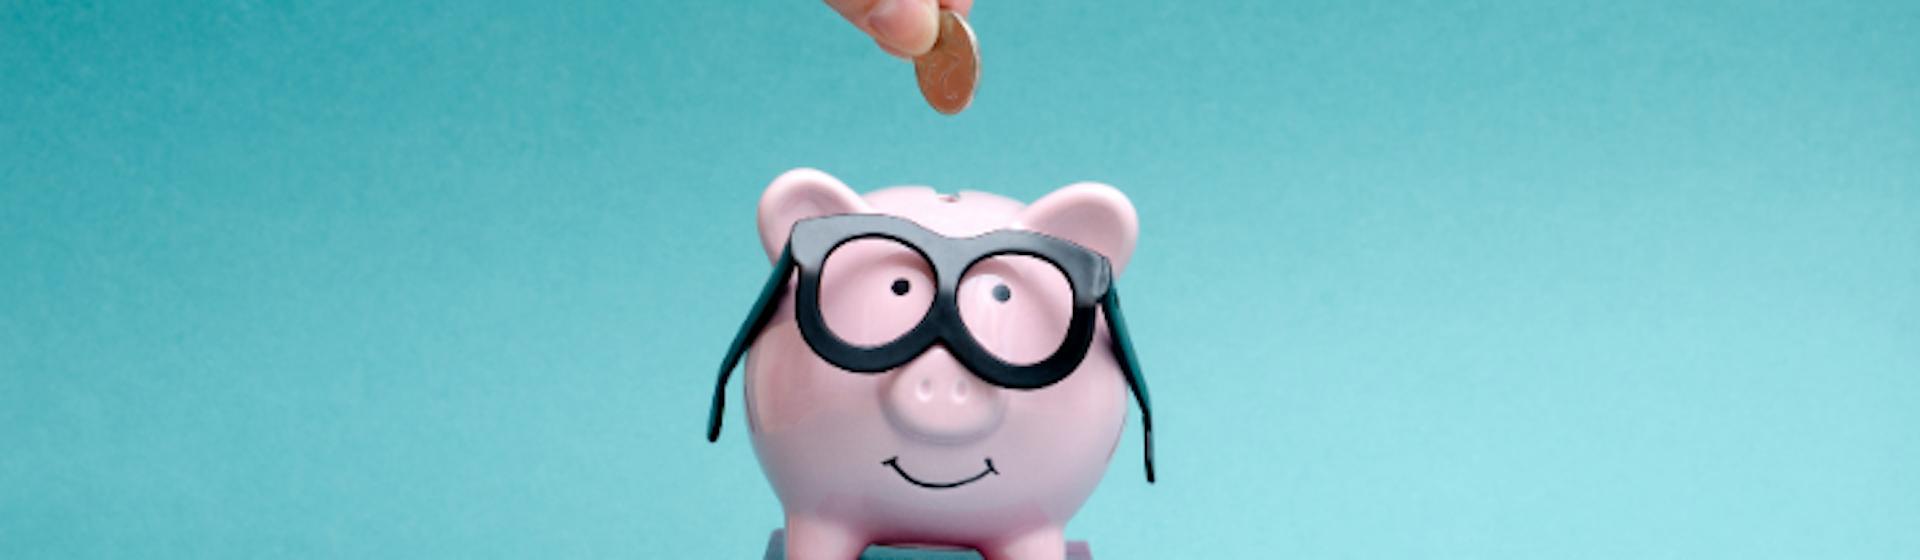 ¿Por qué es importante organizar los ingresos y ahorrar? Tips que no conocías